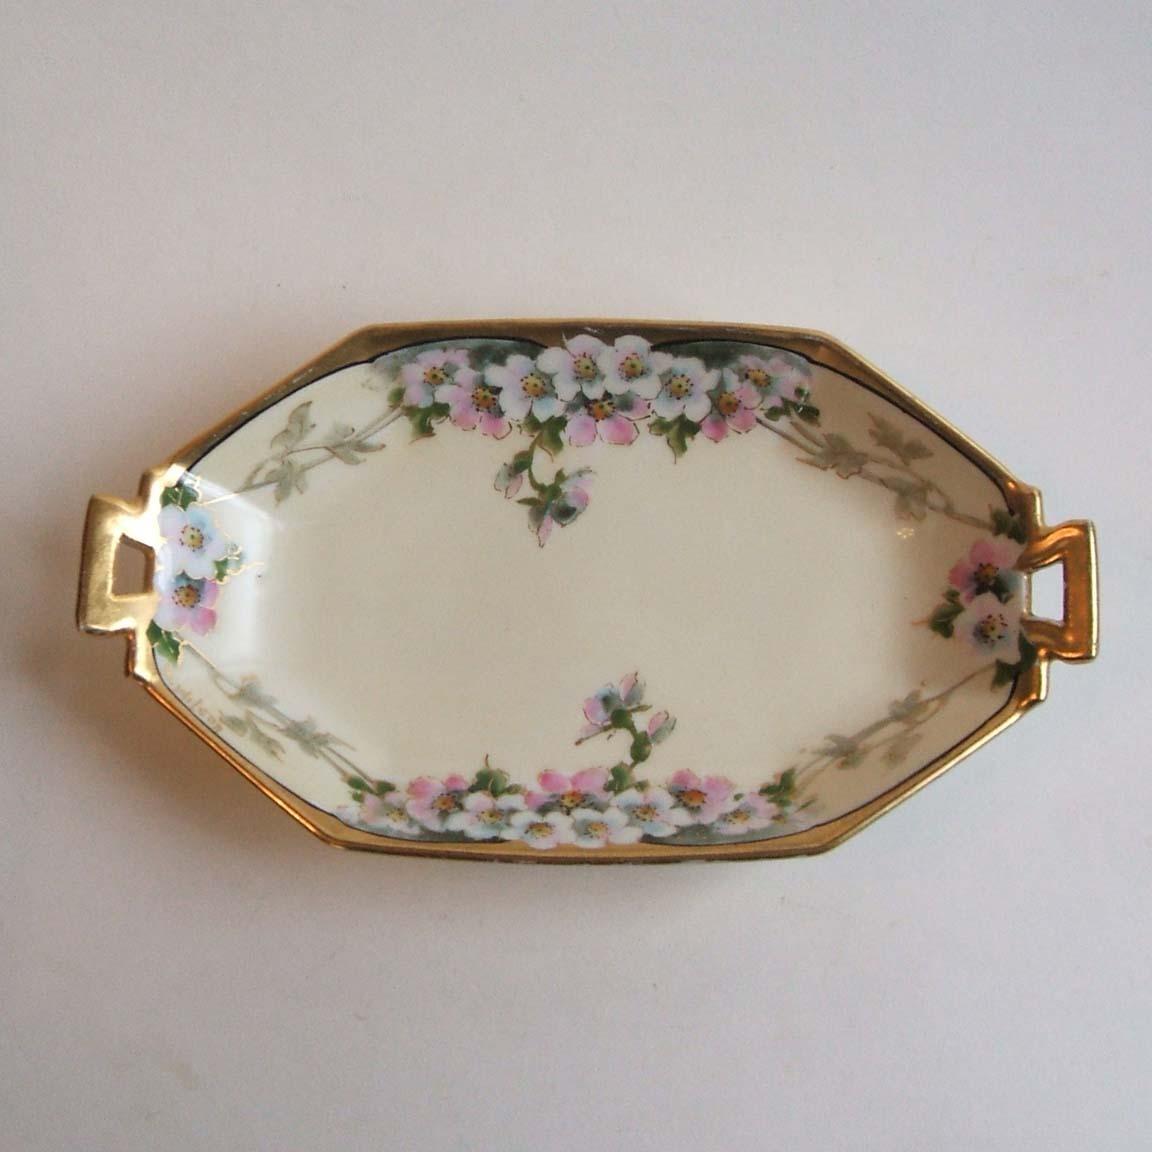 t v limoges france hand painted porcelain dish walter